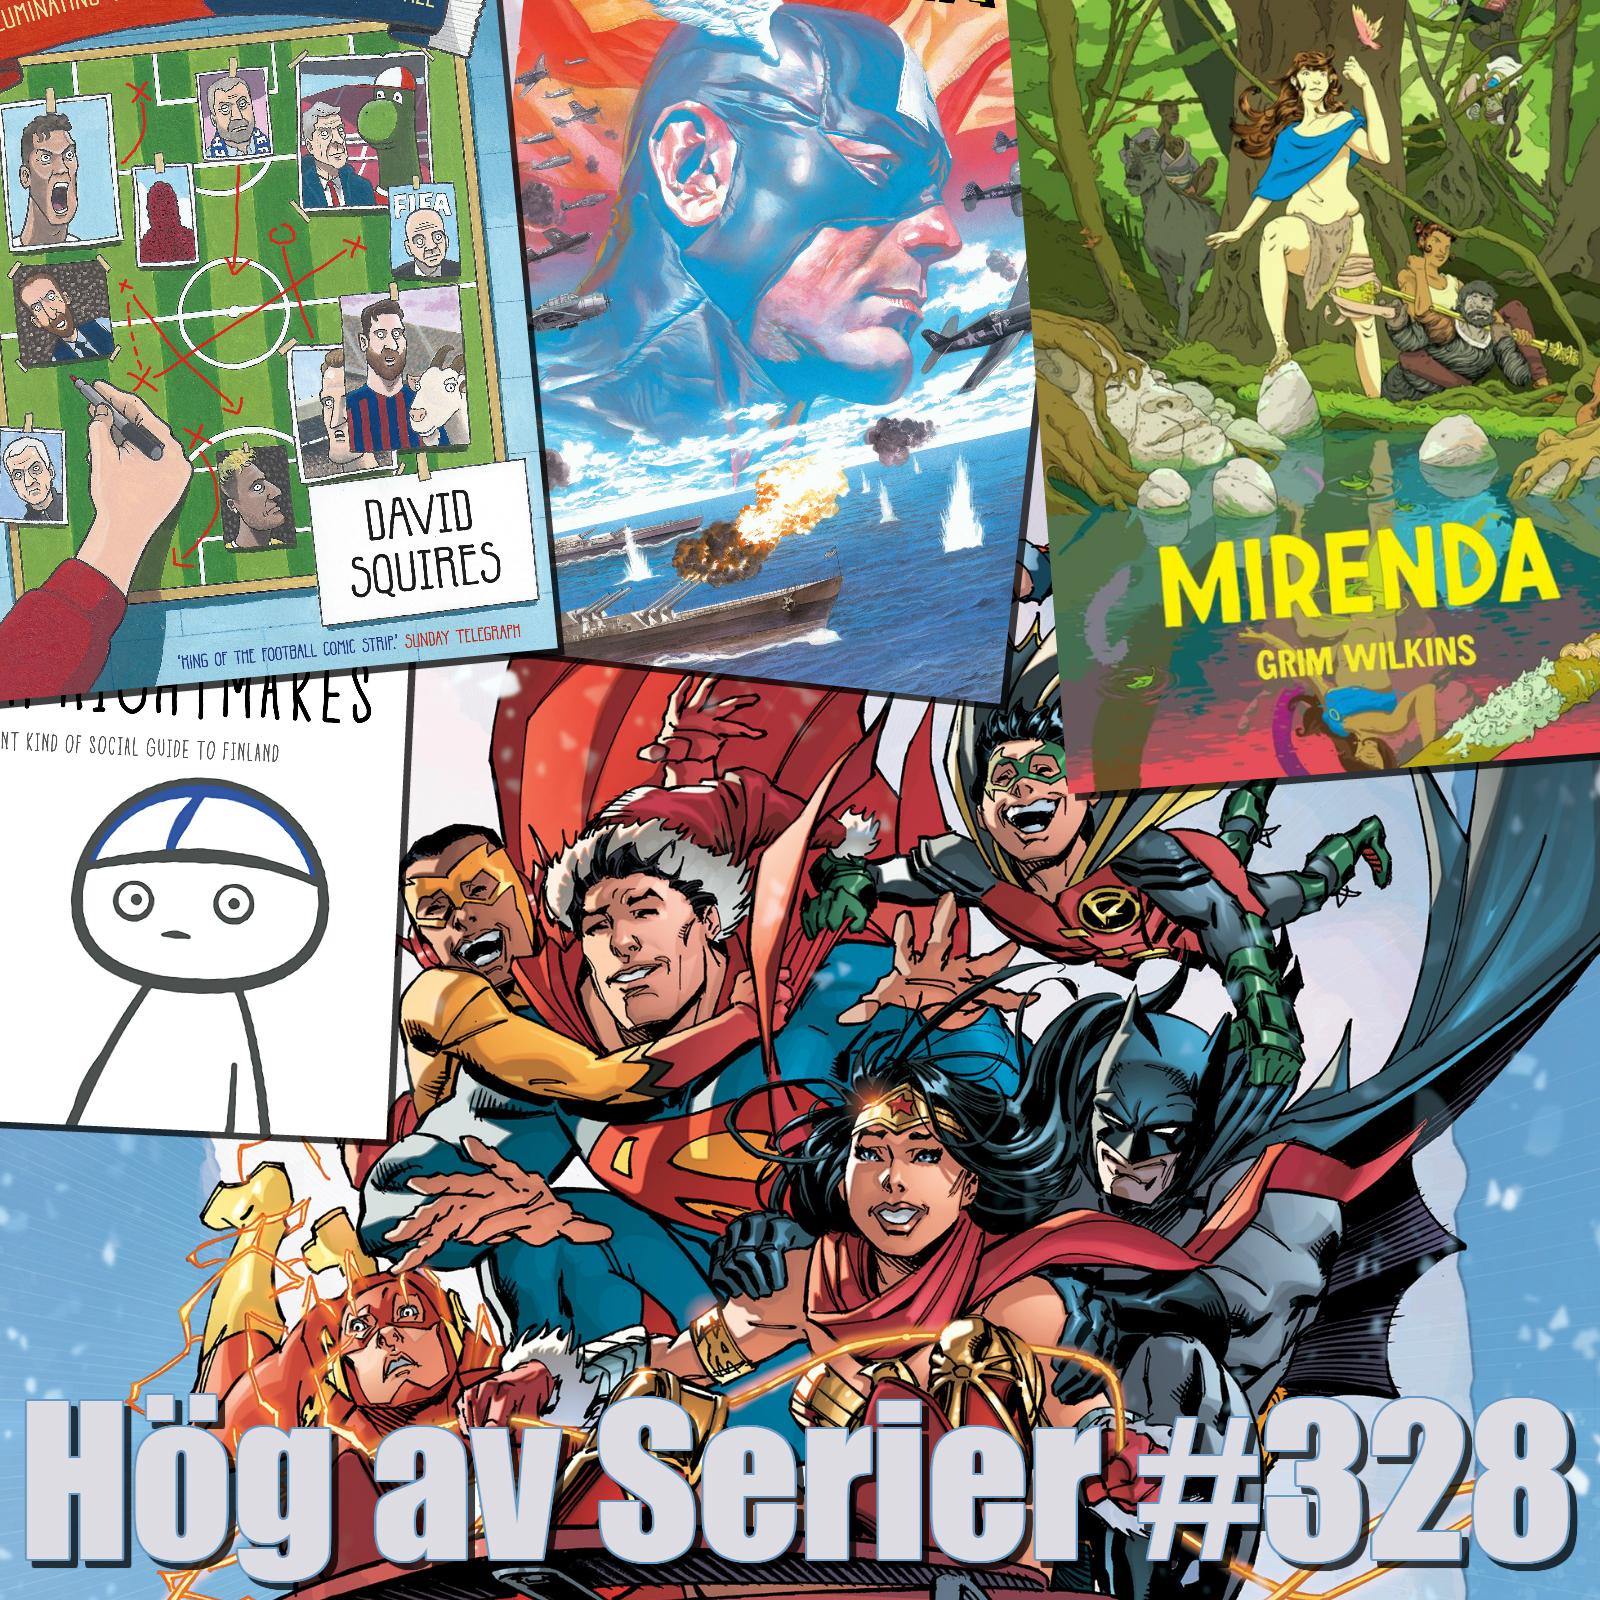 #328 - 'Tis the season